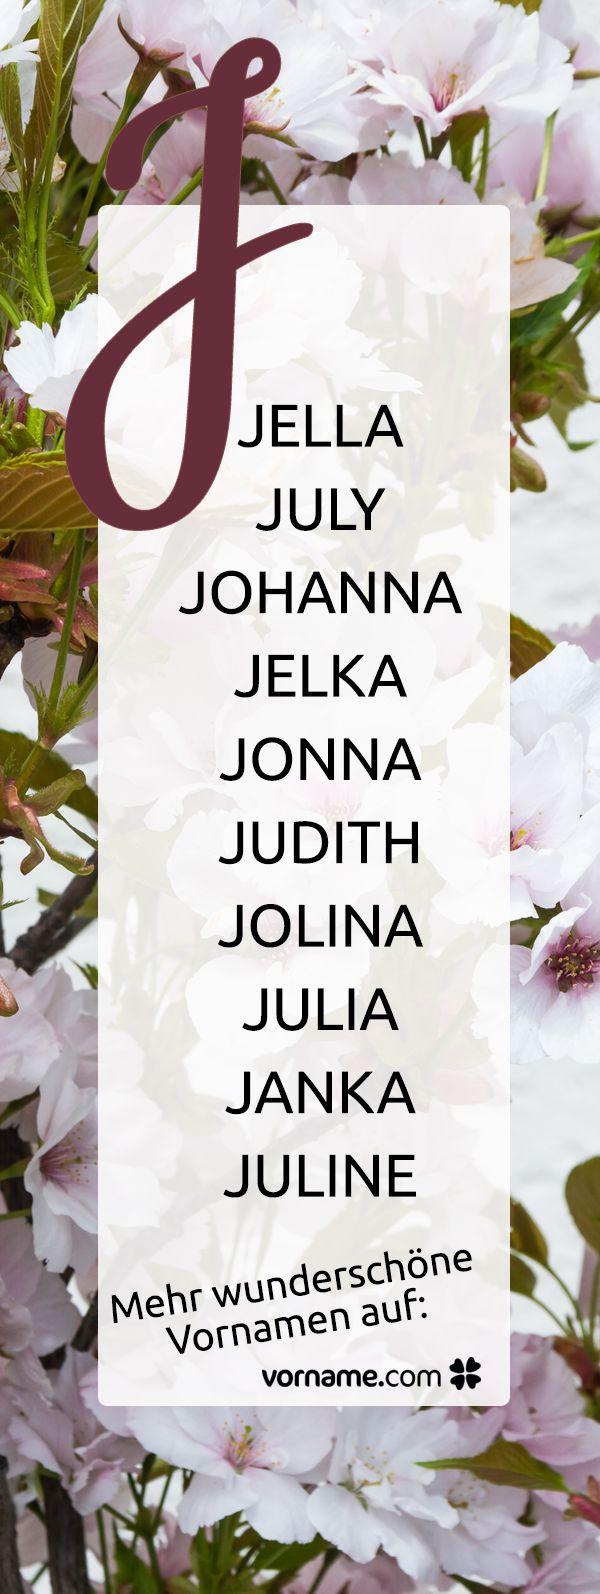 Du bist auf der Suche nach einem schönen Mädchennamen, der mit J beginnt? Bei uns findest Du alle Vornamen zu diesem Thema!